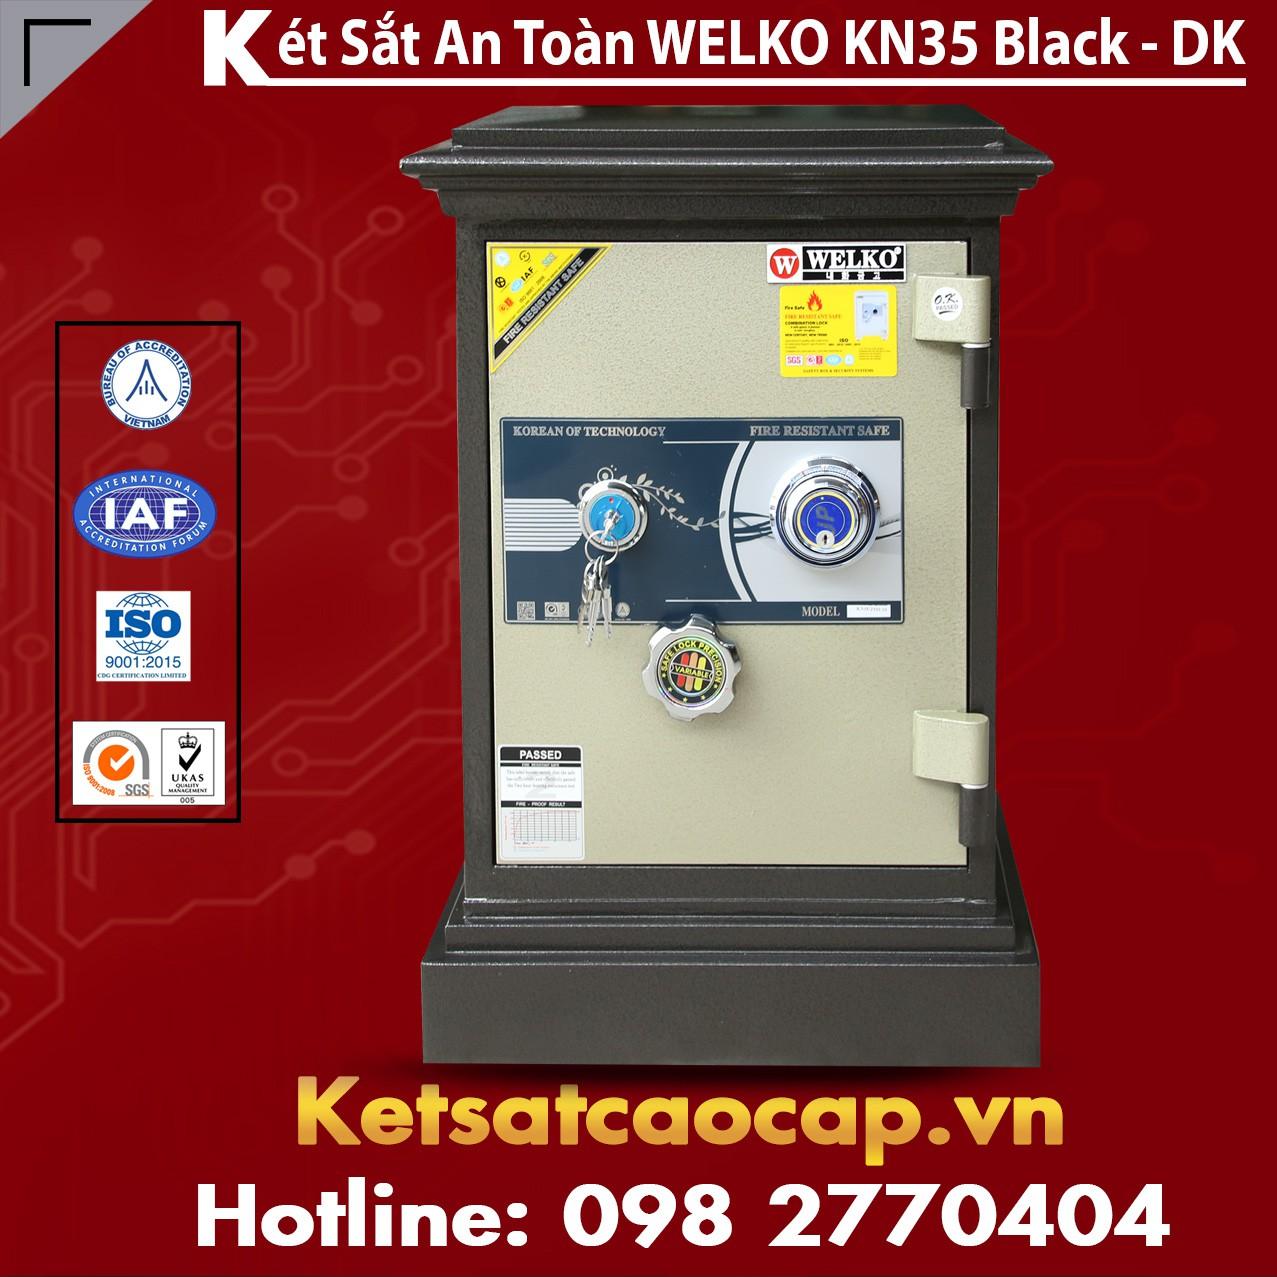 Két Sắt Chính Hãng WELKO KN35 Black - DK